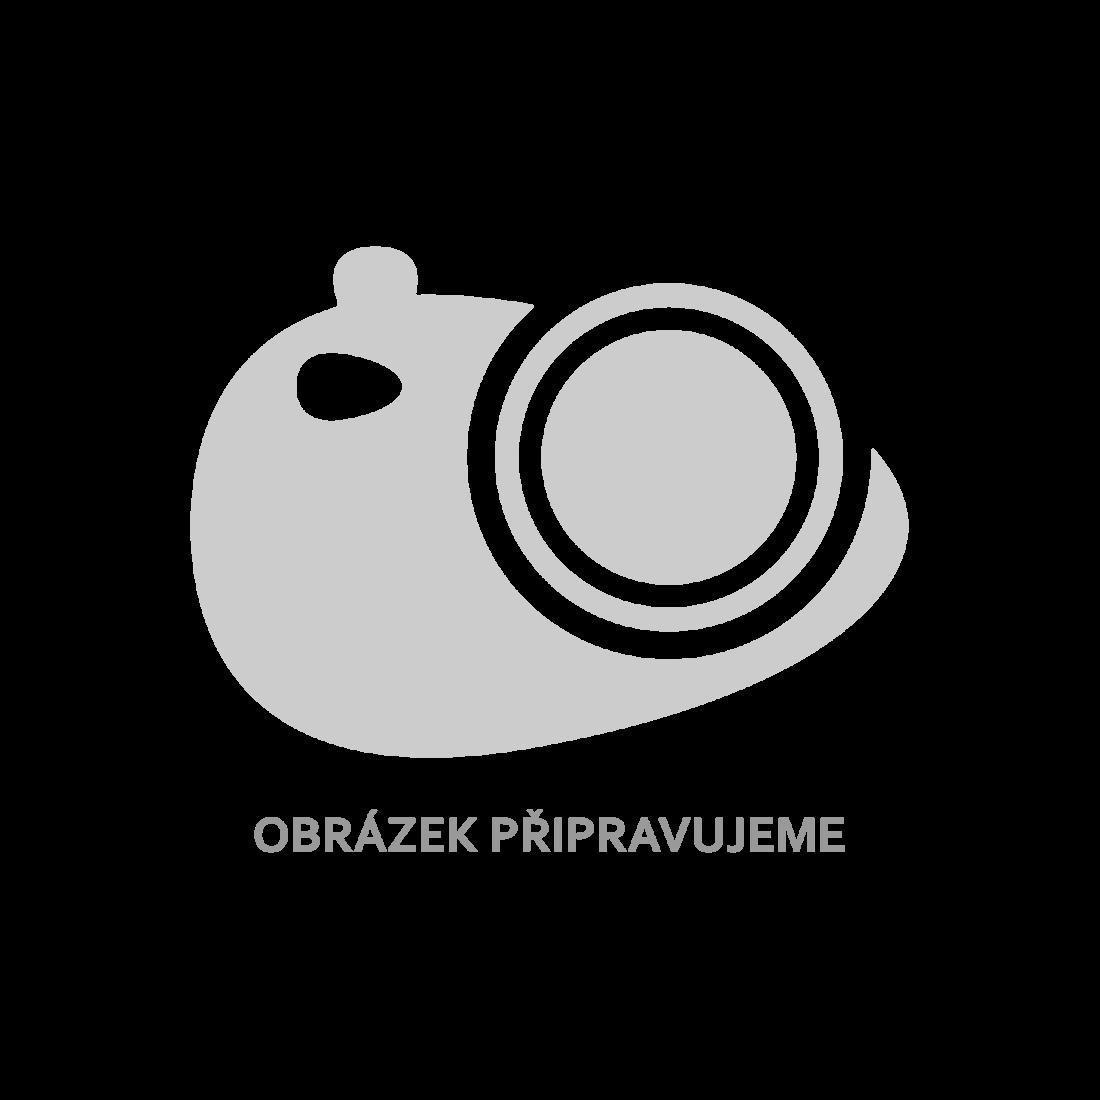 vidaXL Rohový psací stůl šedý 120 x 140 x 75 cm dřevotříska [800749]